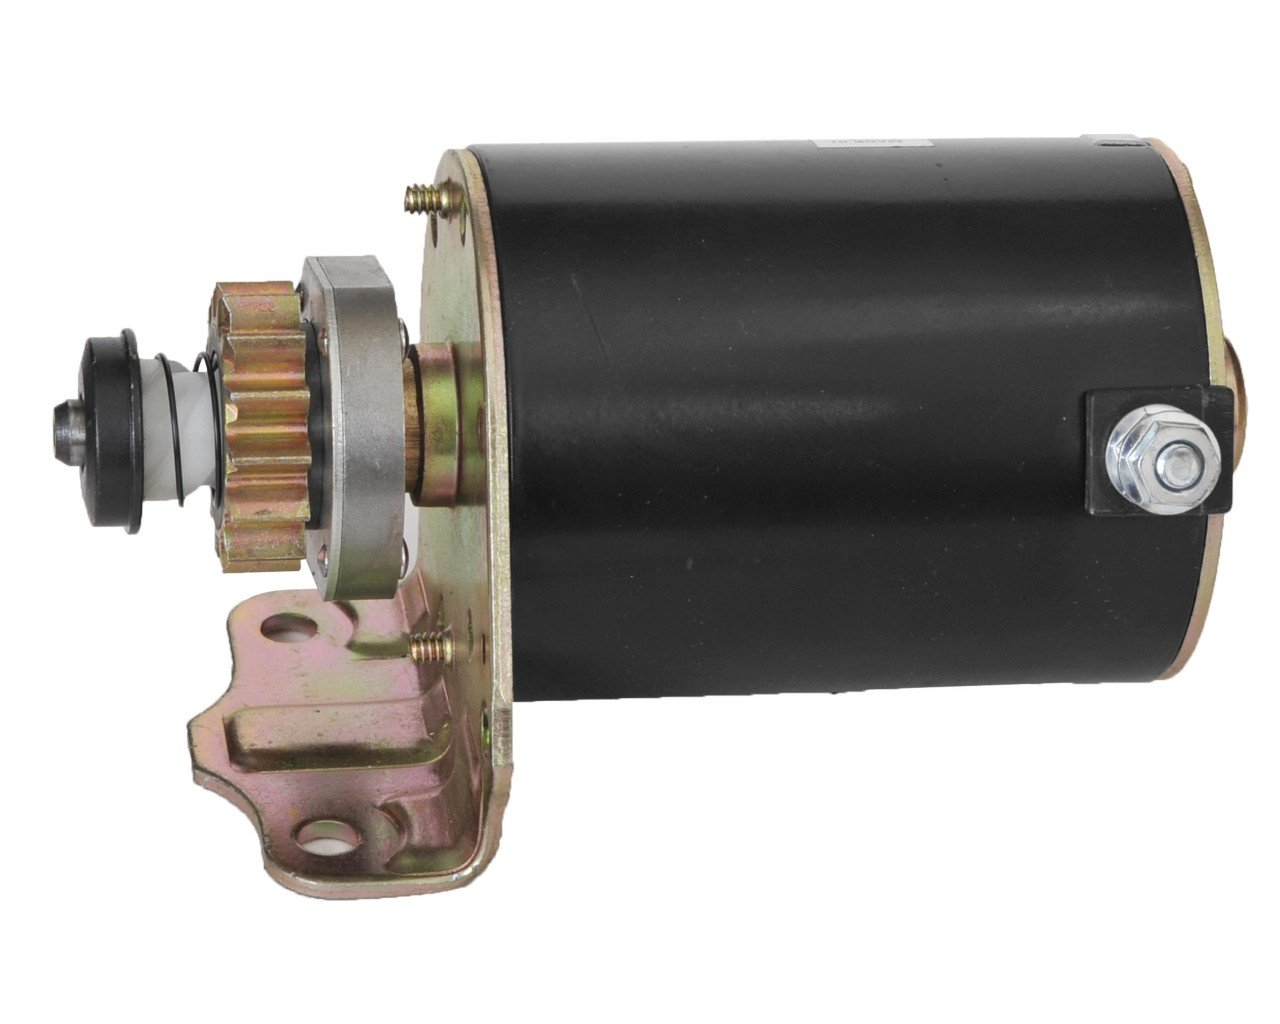 Anlasser Starter fü r Briggs & Stratton 497595-394805 / 8PS von DT